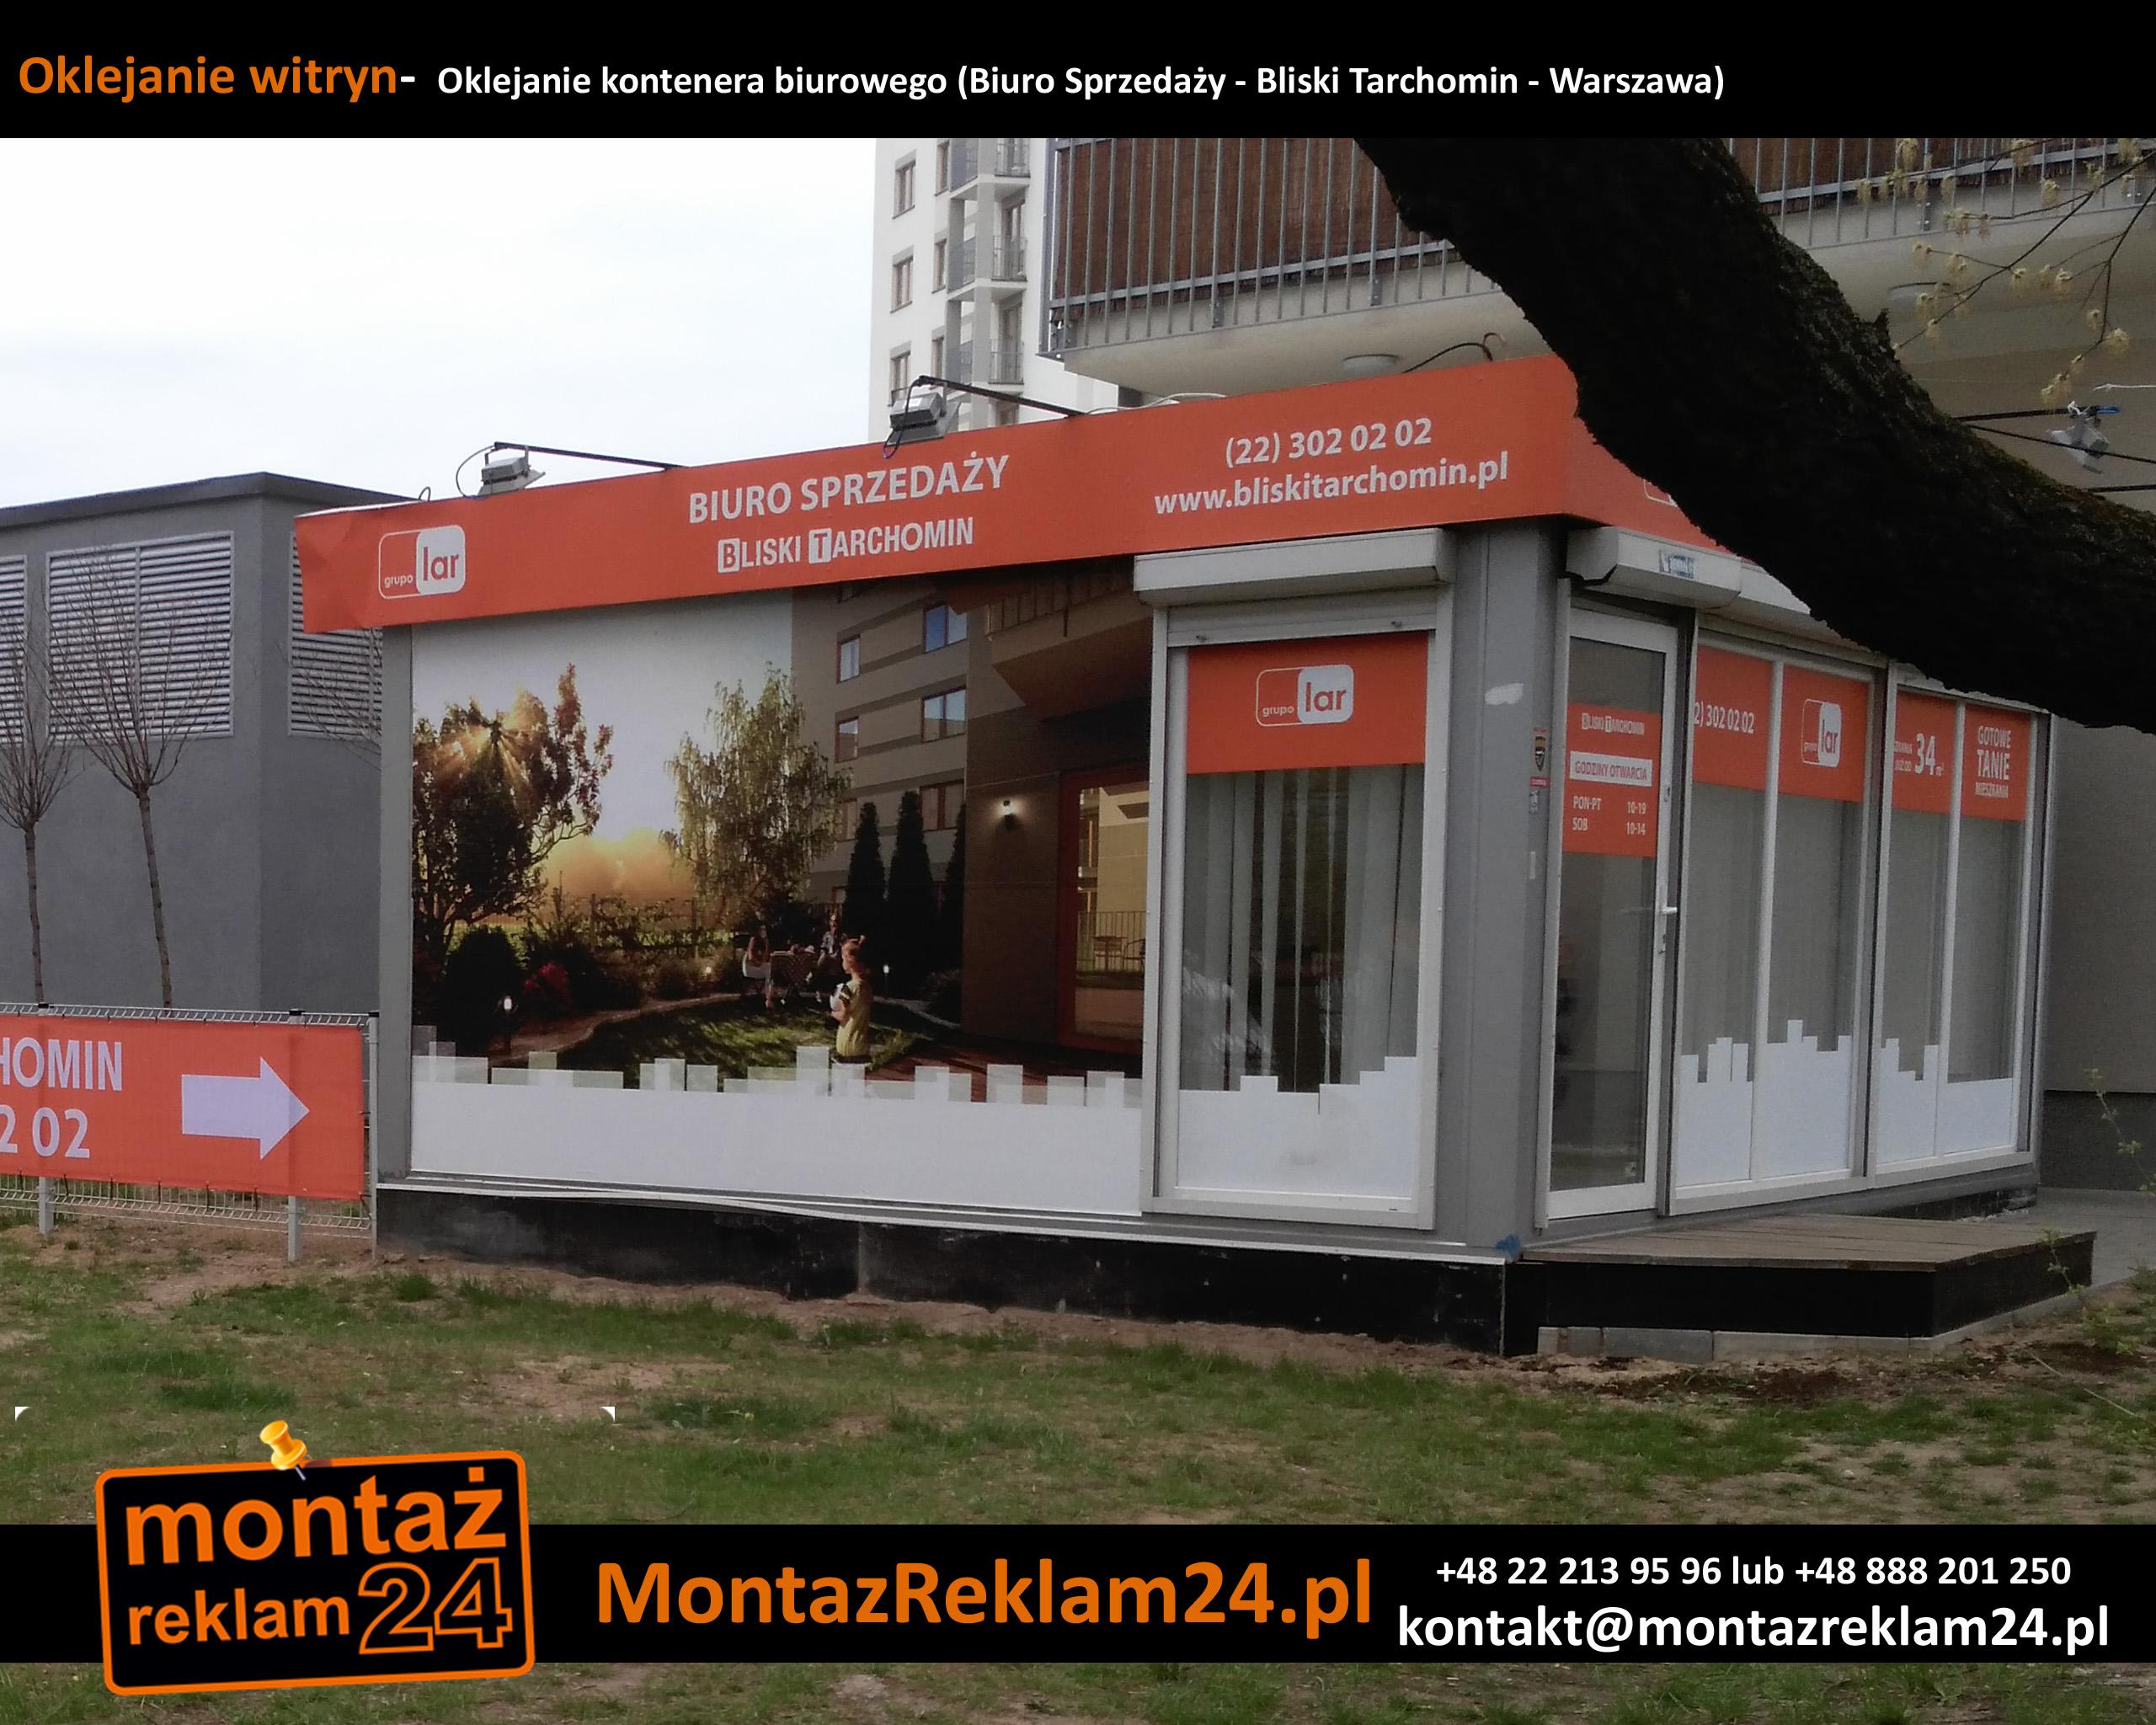 Oklejanie witryn-  Oklejanie kontenera biurowego (Biuro Sprzedaży - Bliski Tarchomin - Warszawa).jpg